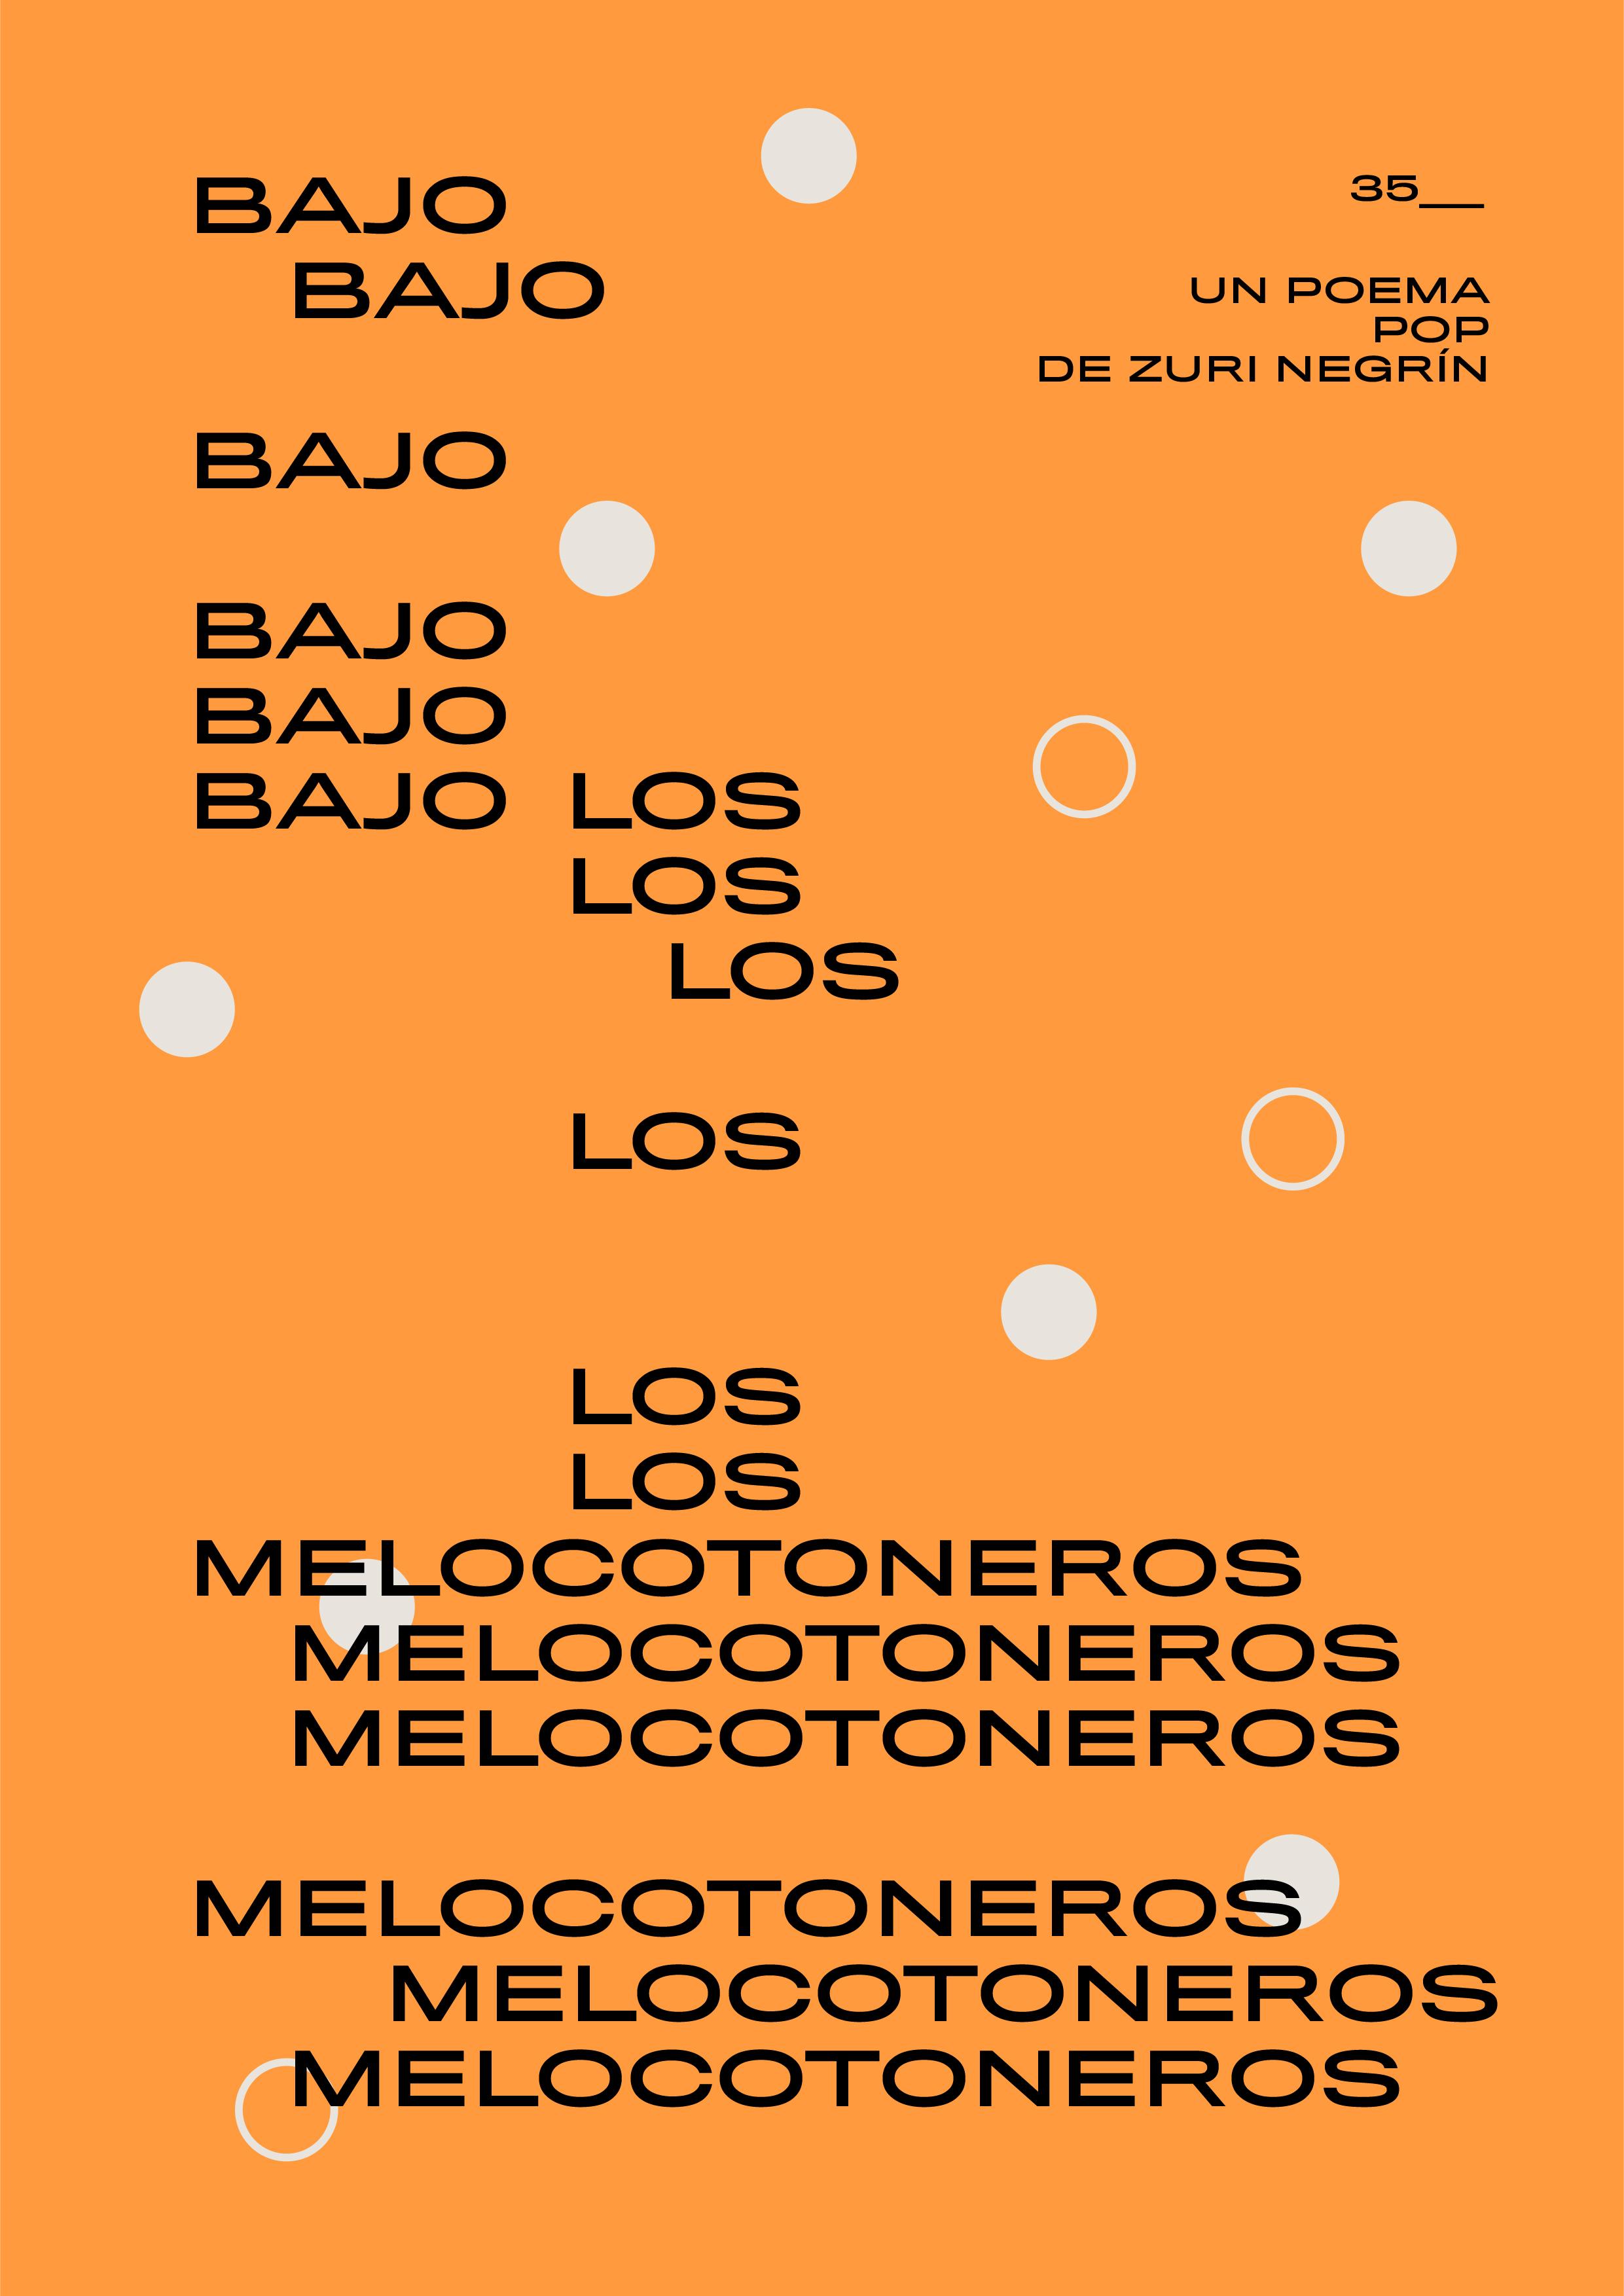 POP_35 Bajo los melocotoneros